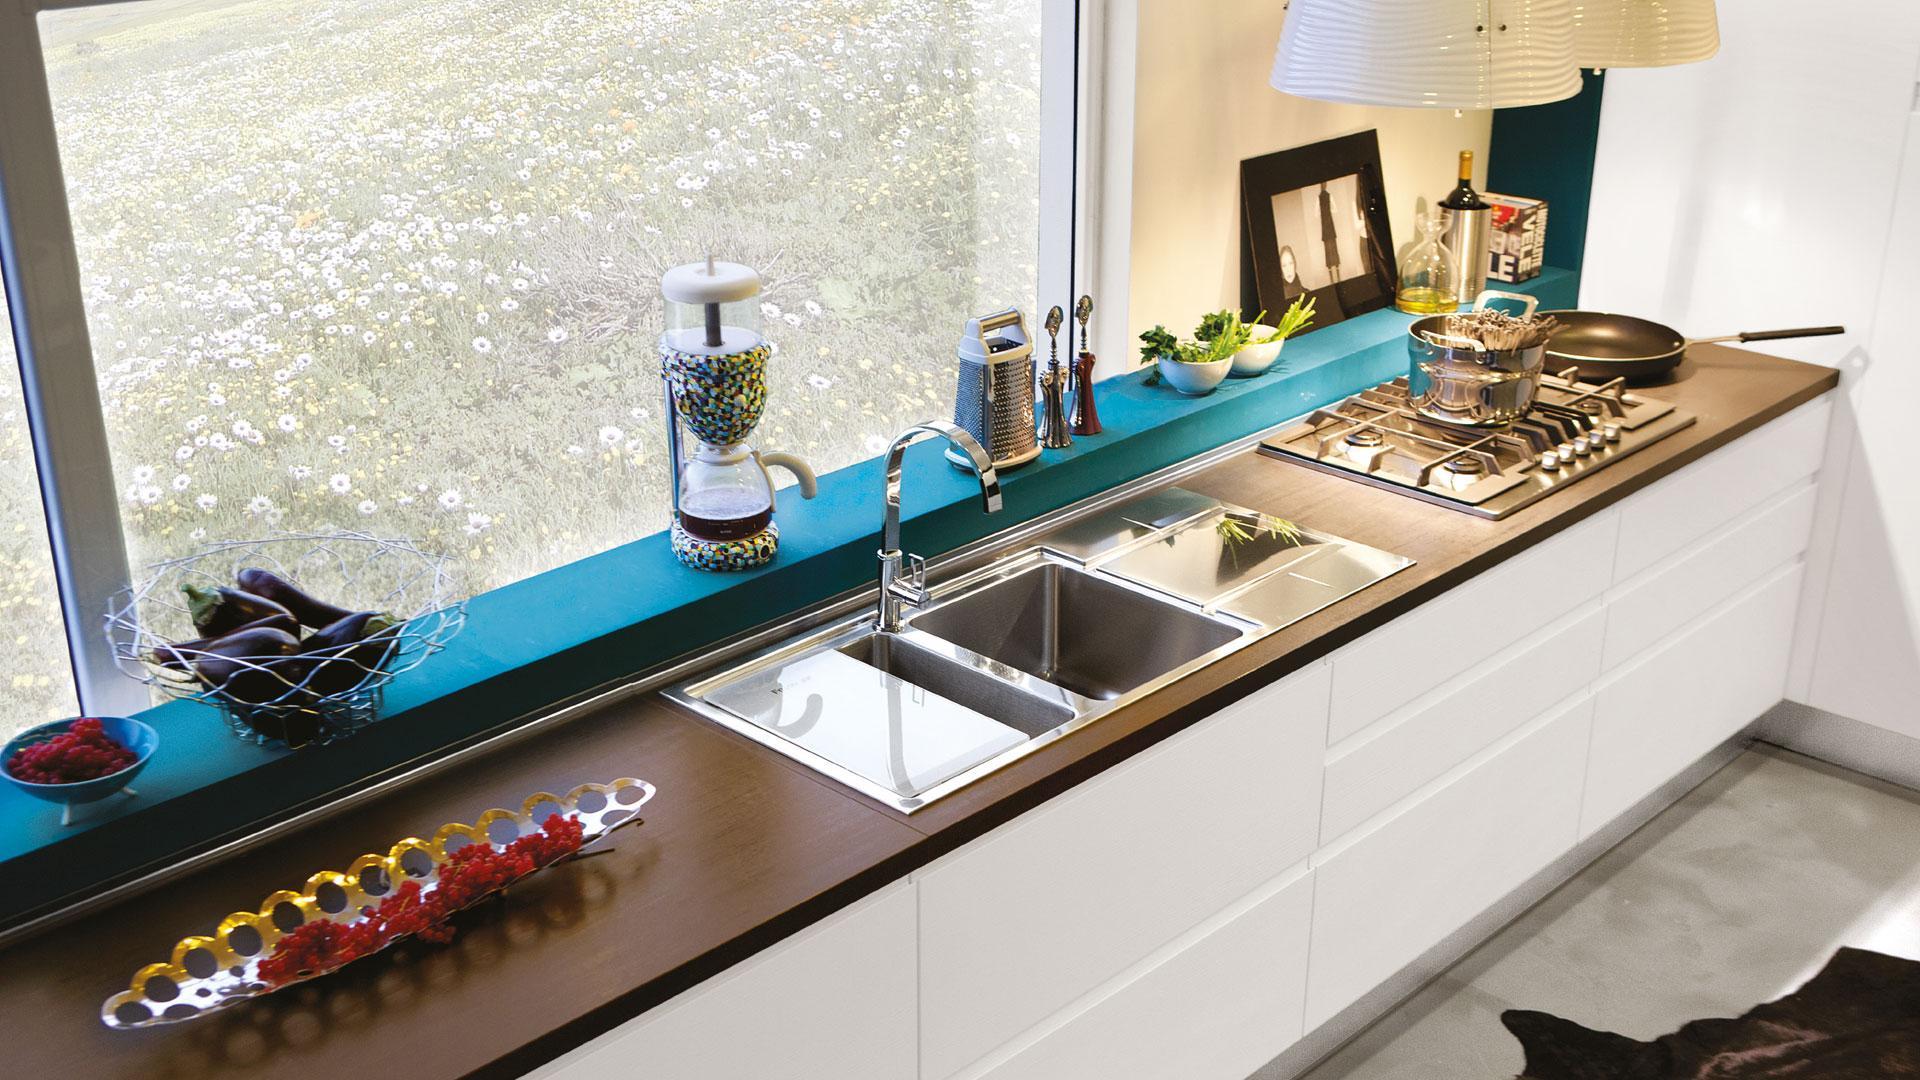 Rizzo arreda lube arredamenti paderno dugnano cucine moderna linda